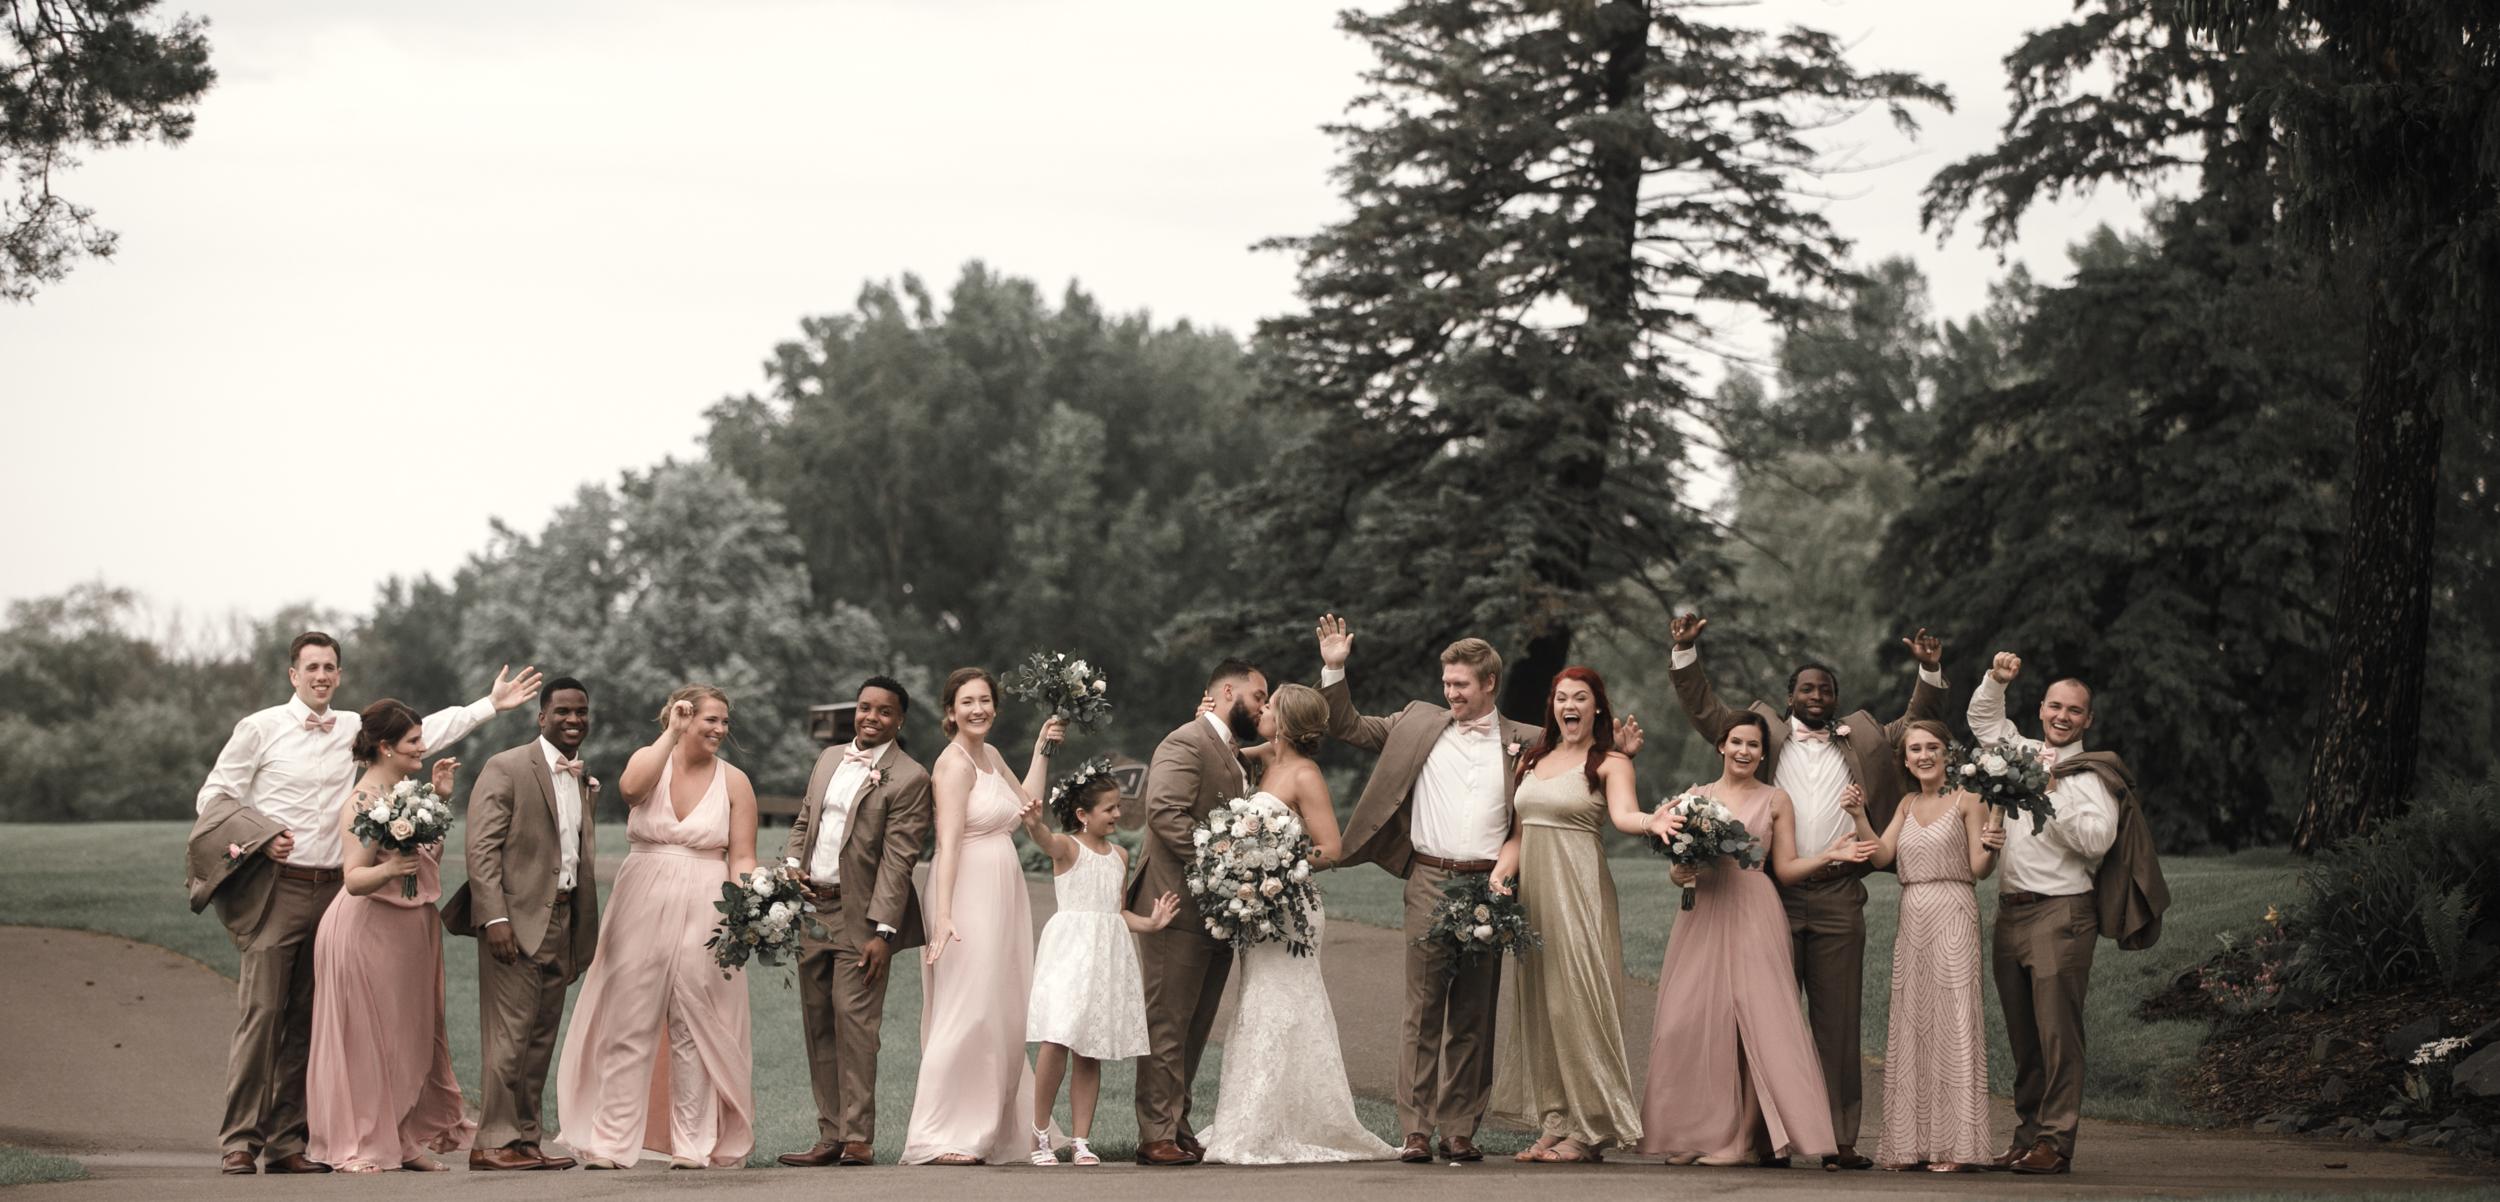 dellwood country club wedding*, Dellwood Country Club*, golf course wedding*, green golf course*, rose pink wedding details*-www.rachelsmak.com24.jpg